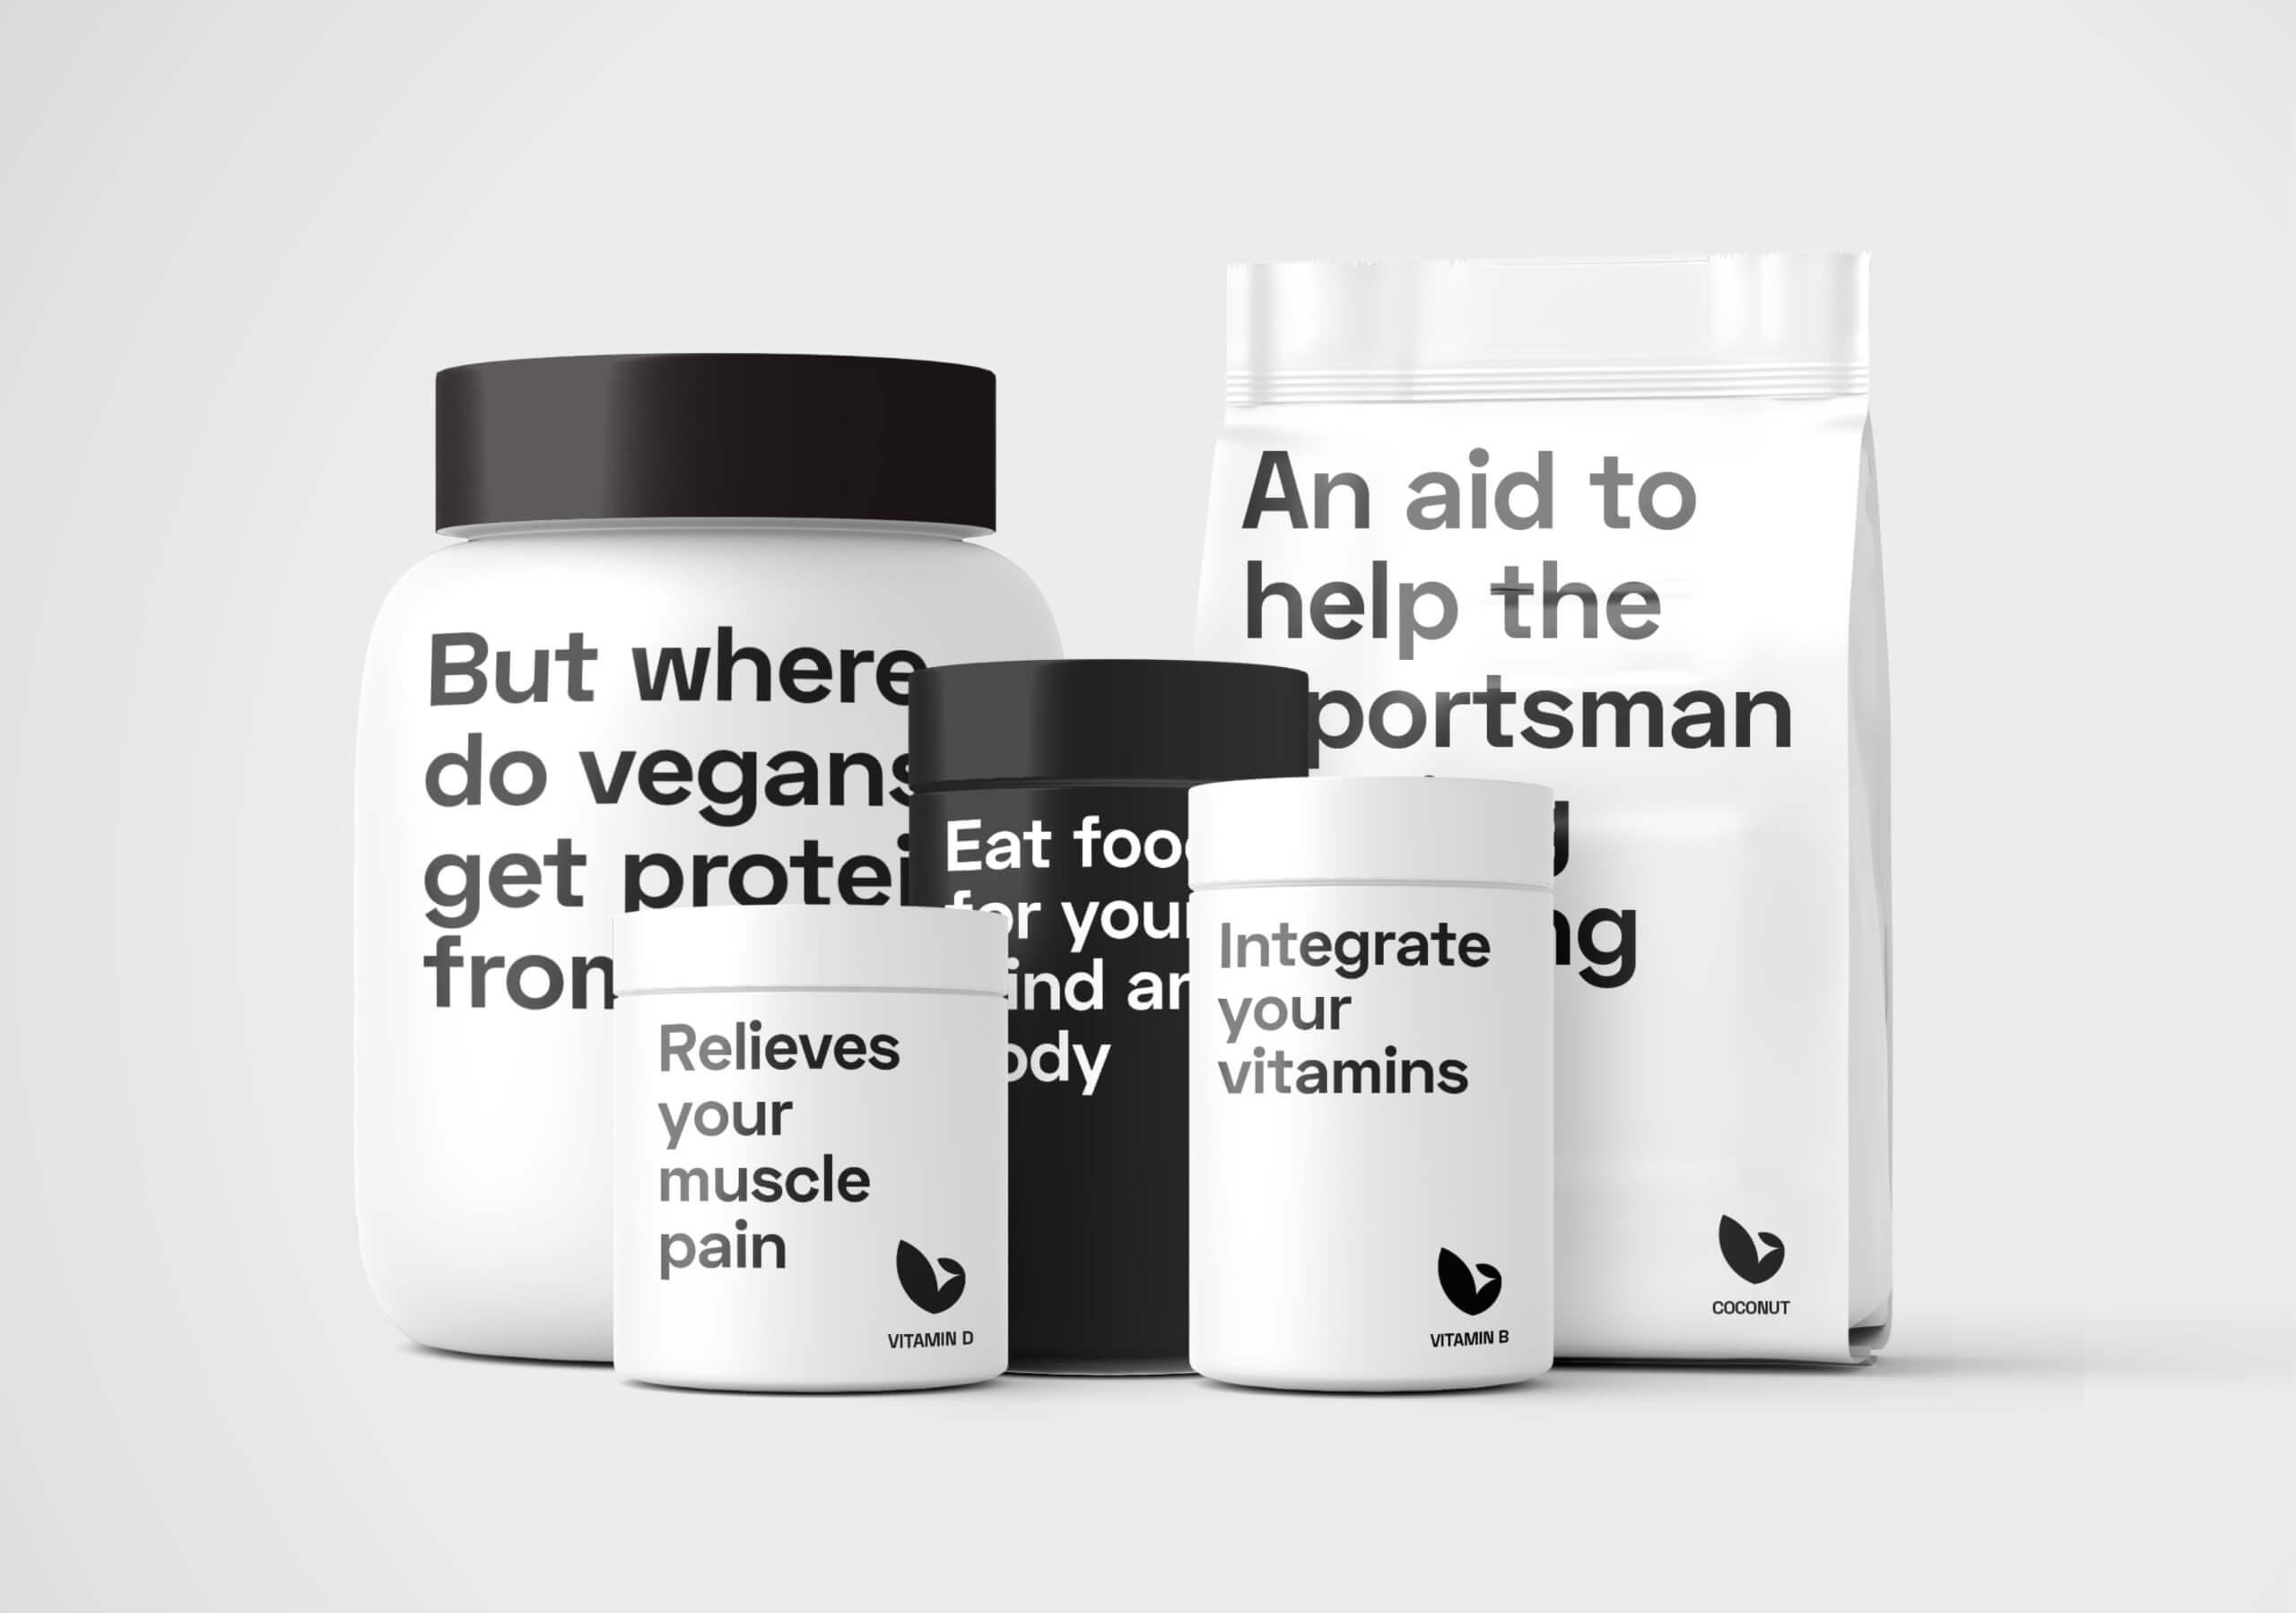 veganboy